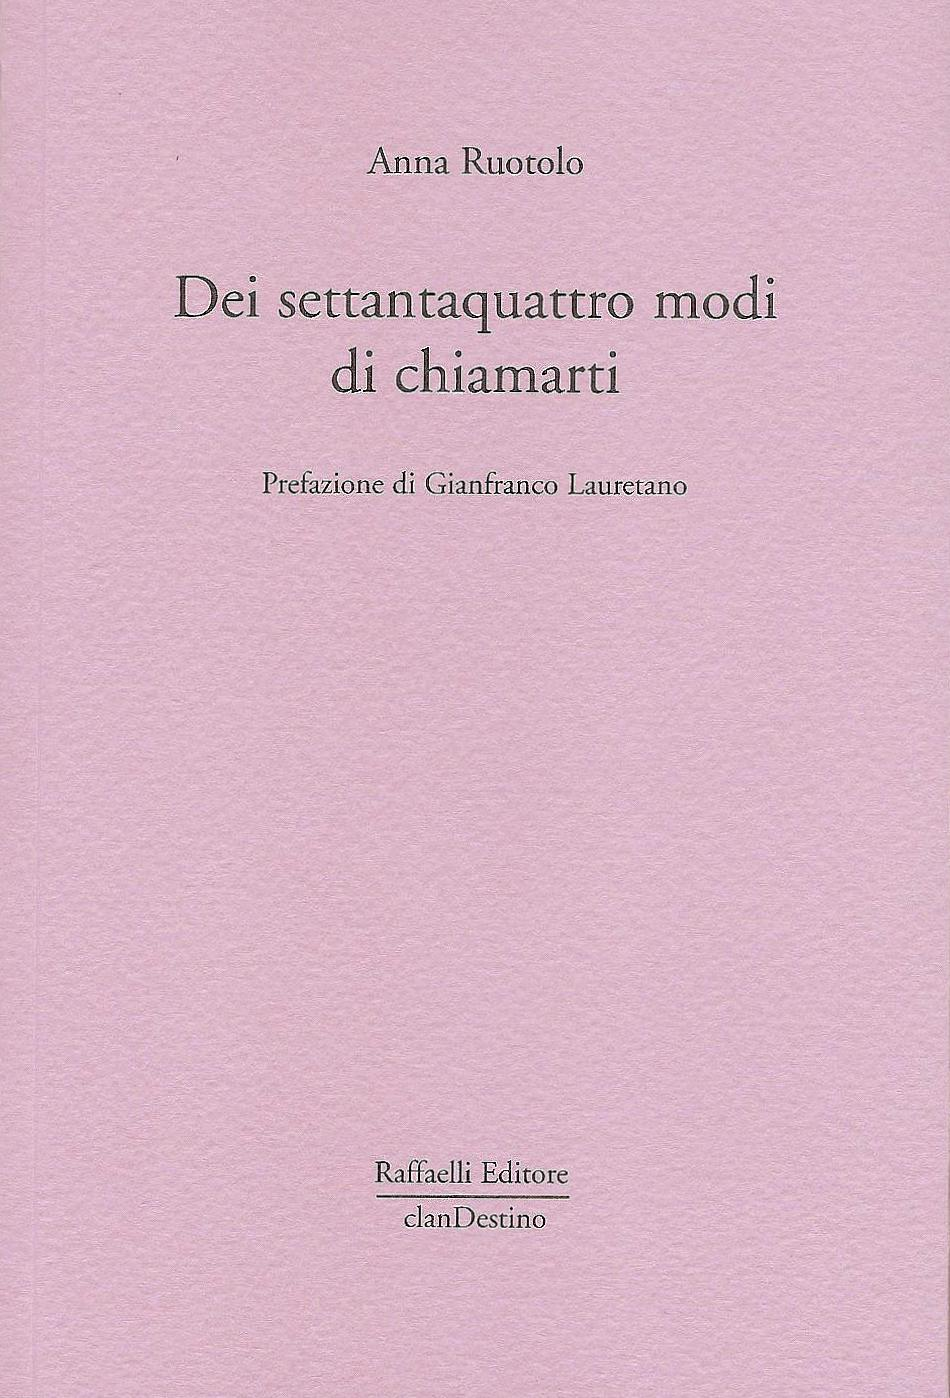 """""""Dei settantaquatto modi di chiamarti"""" (Raffaelli, 2012)"""